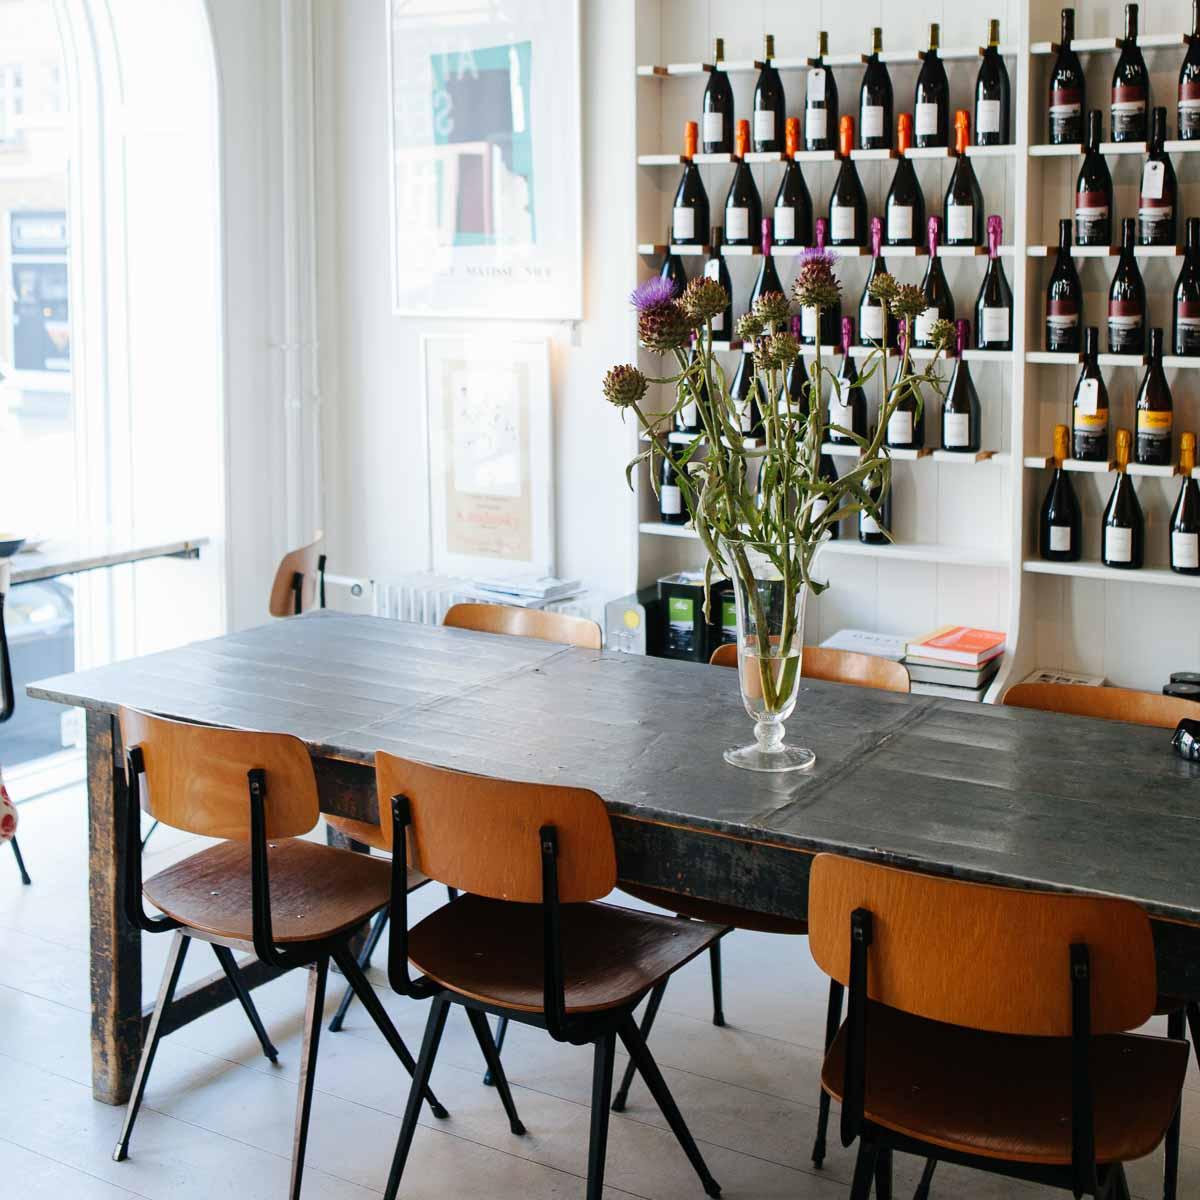 Café Atelier September Kopenhagen-2